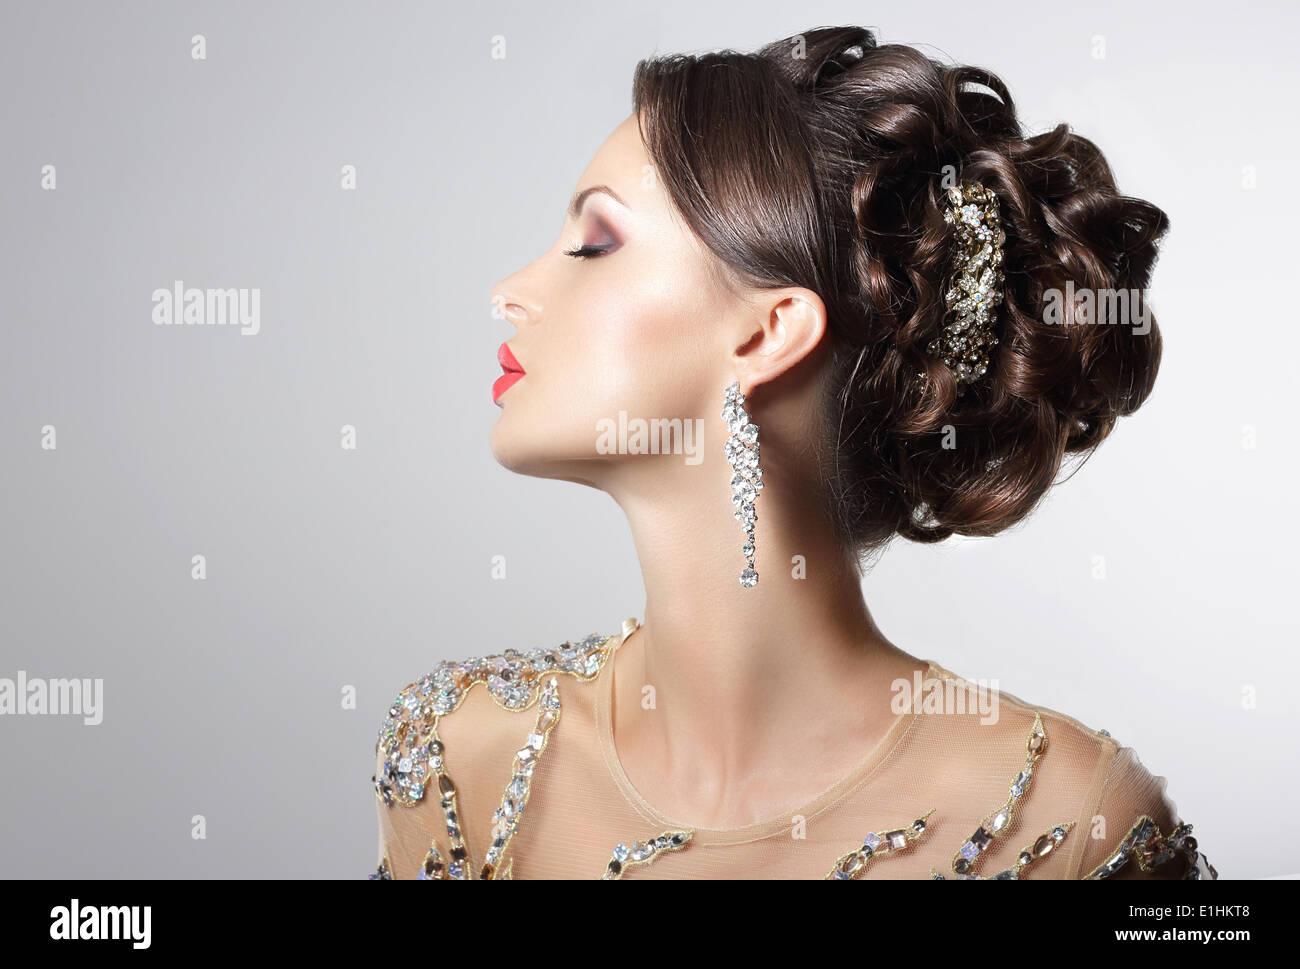 Modische Brünette mit Modeschmuck - trendige Strasssteine und Strass Stockbild